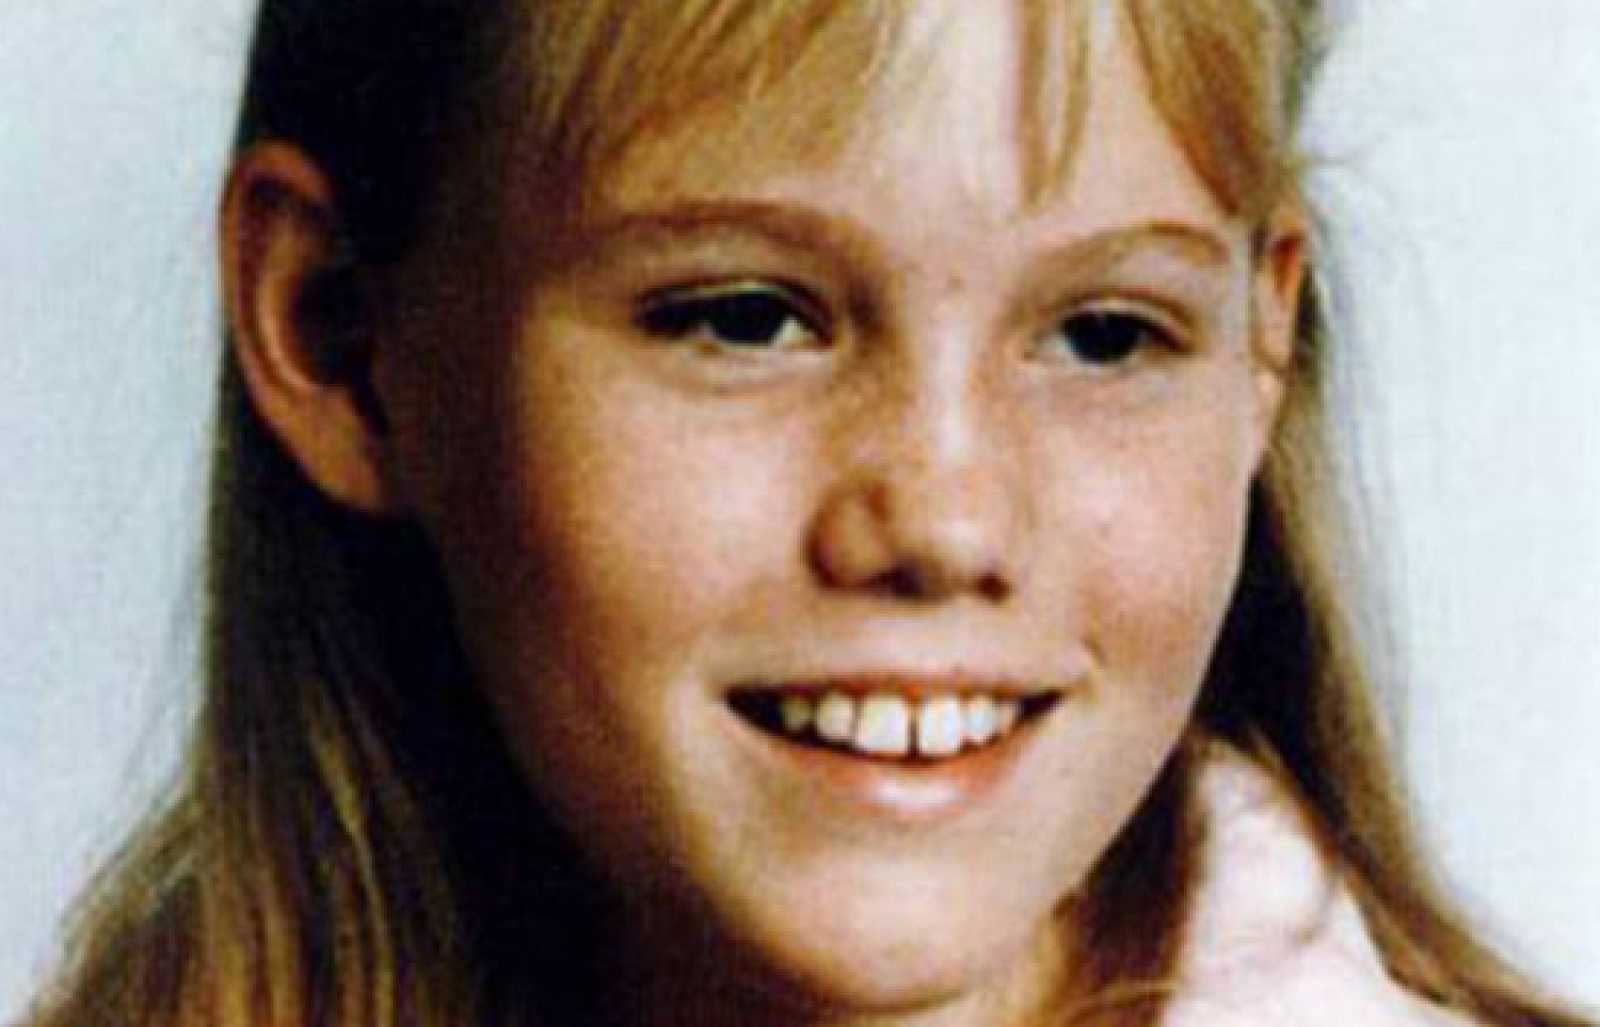 Aparece una joven tras pasar secuestrada 18 años